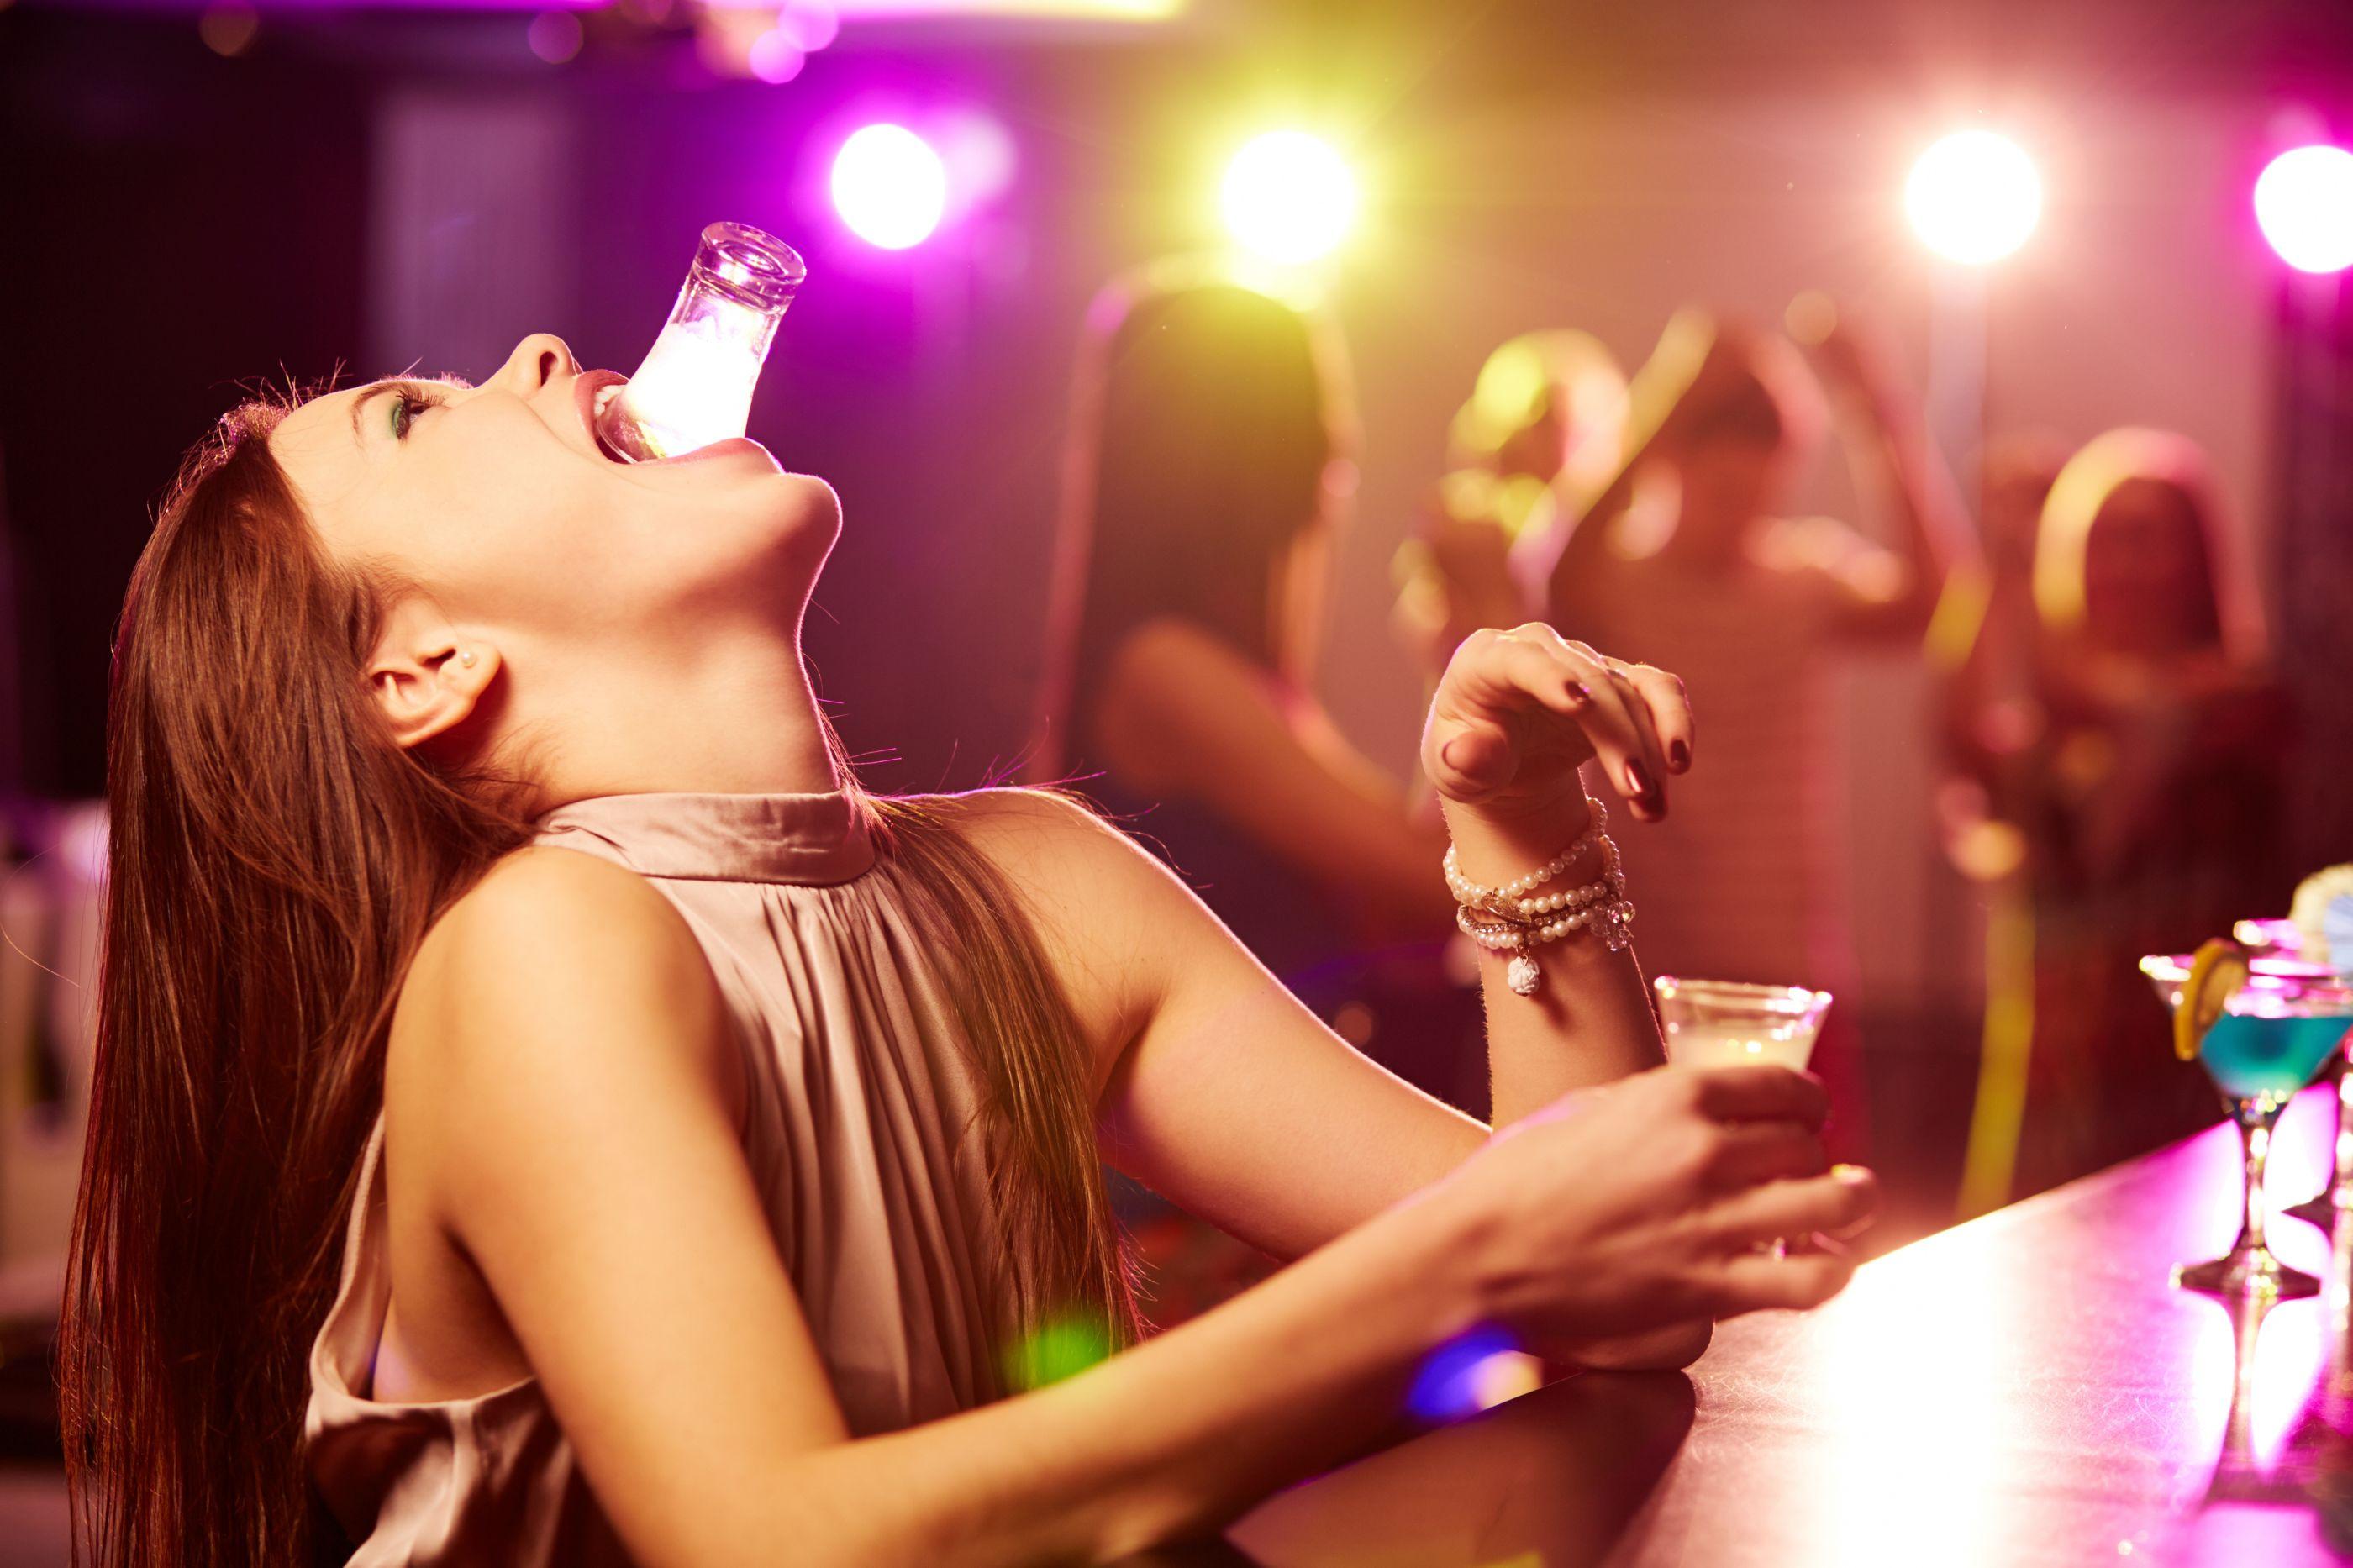 Entenda o que é o 'blackout' alcoólico e por que é tão perigoso (atenção)